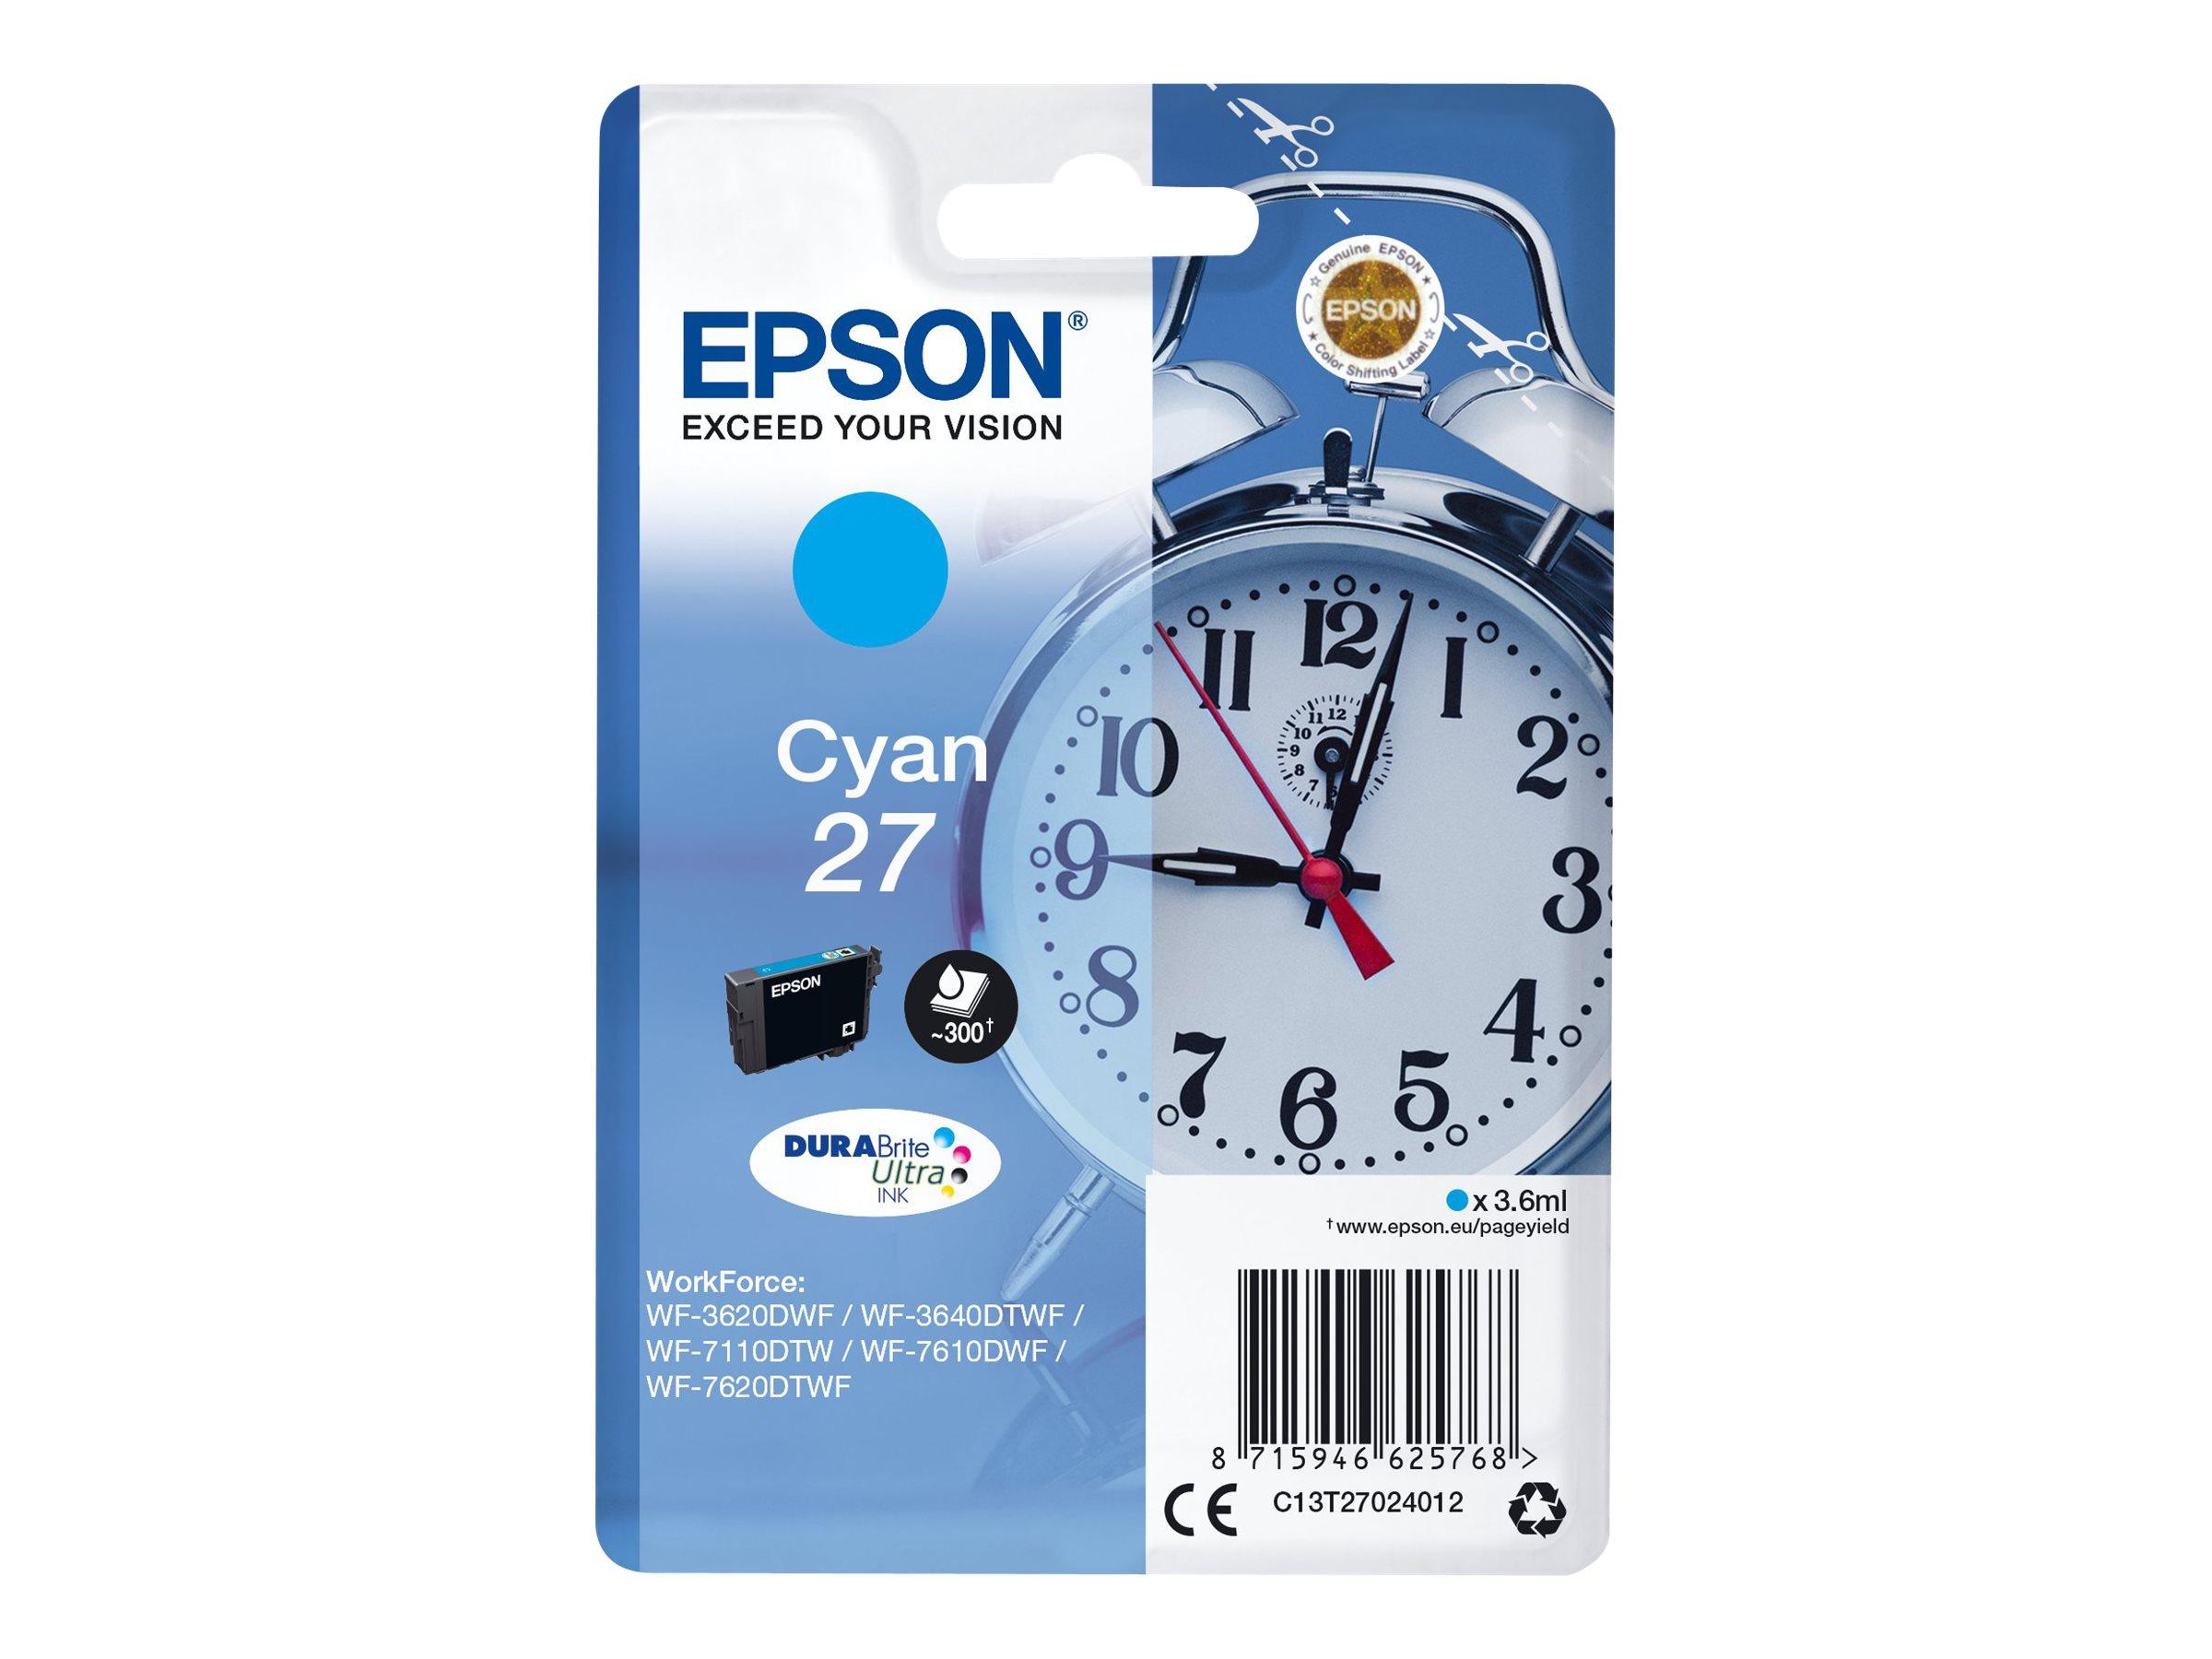 Epson 27 - cyan - originale - cartouche d'encre